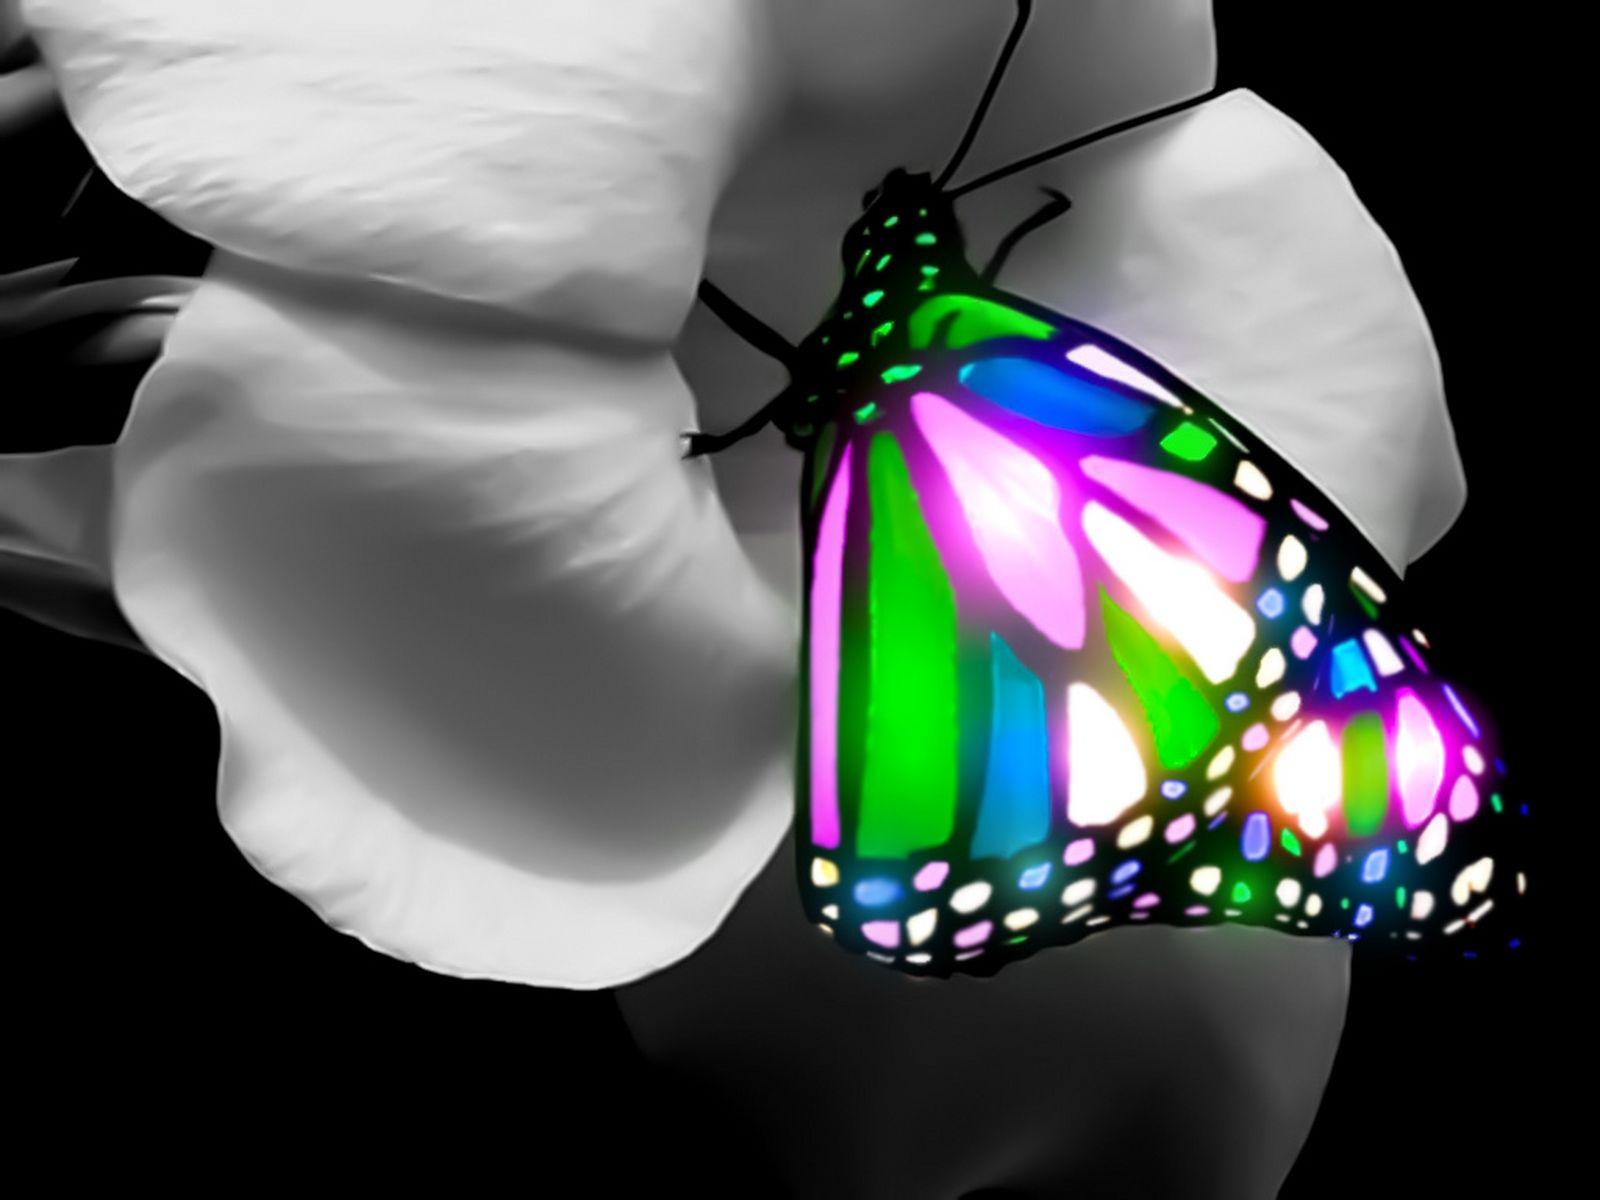 Butterfly Wallpaper 3d 16002151200 121281 HD Wallpaper Res 1600x1200